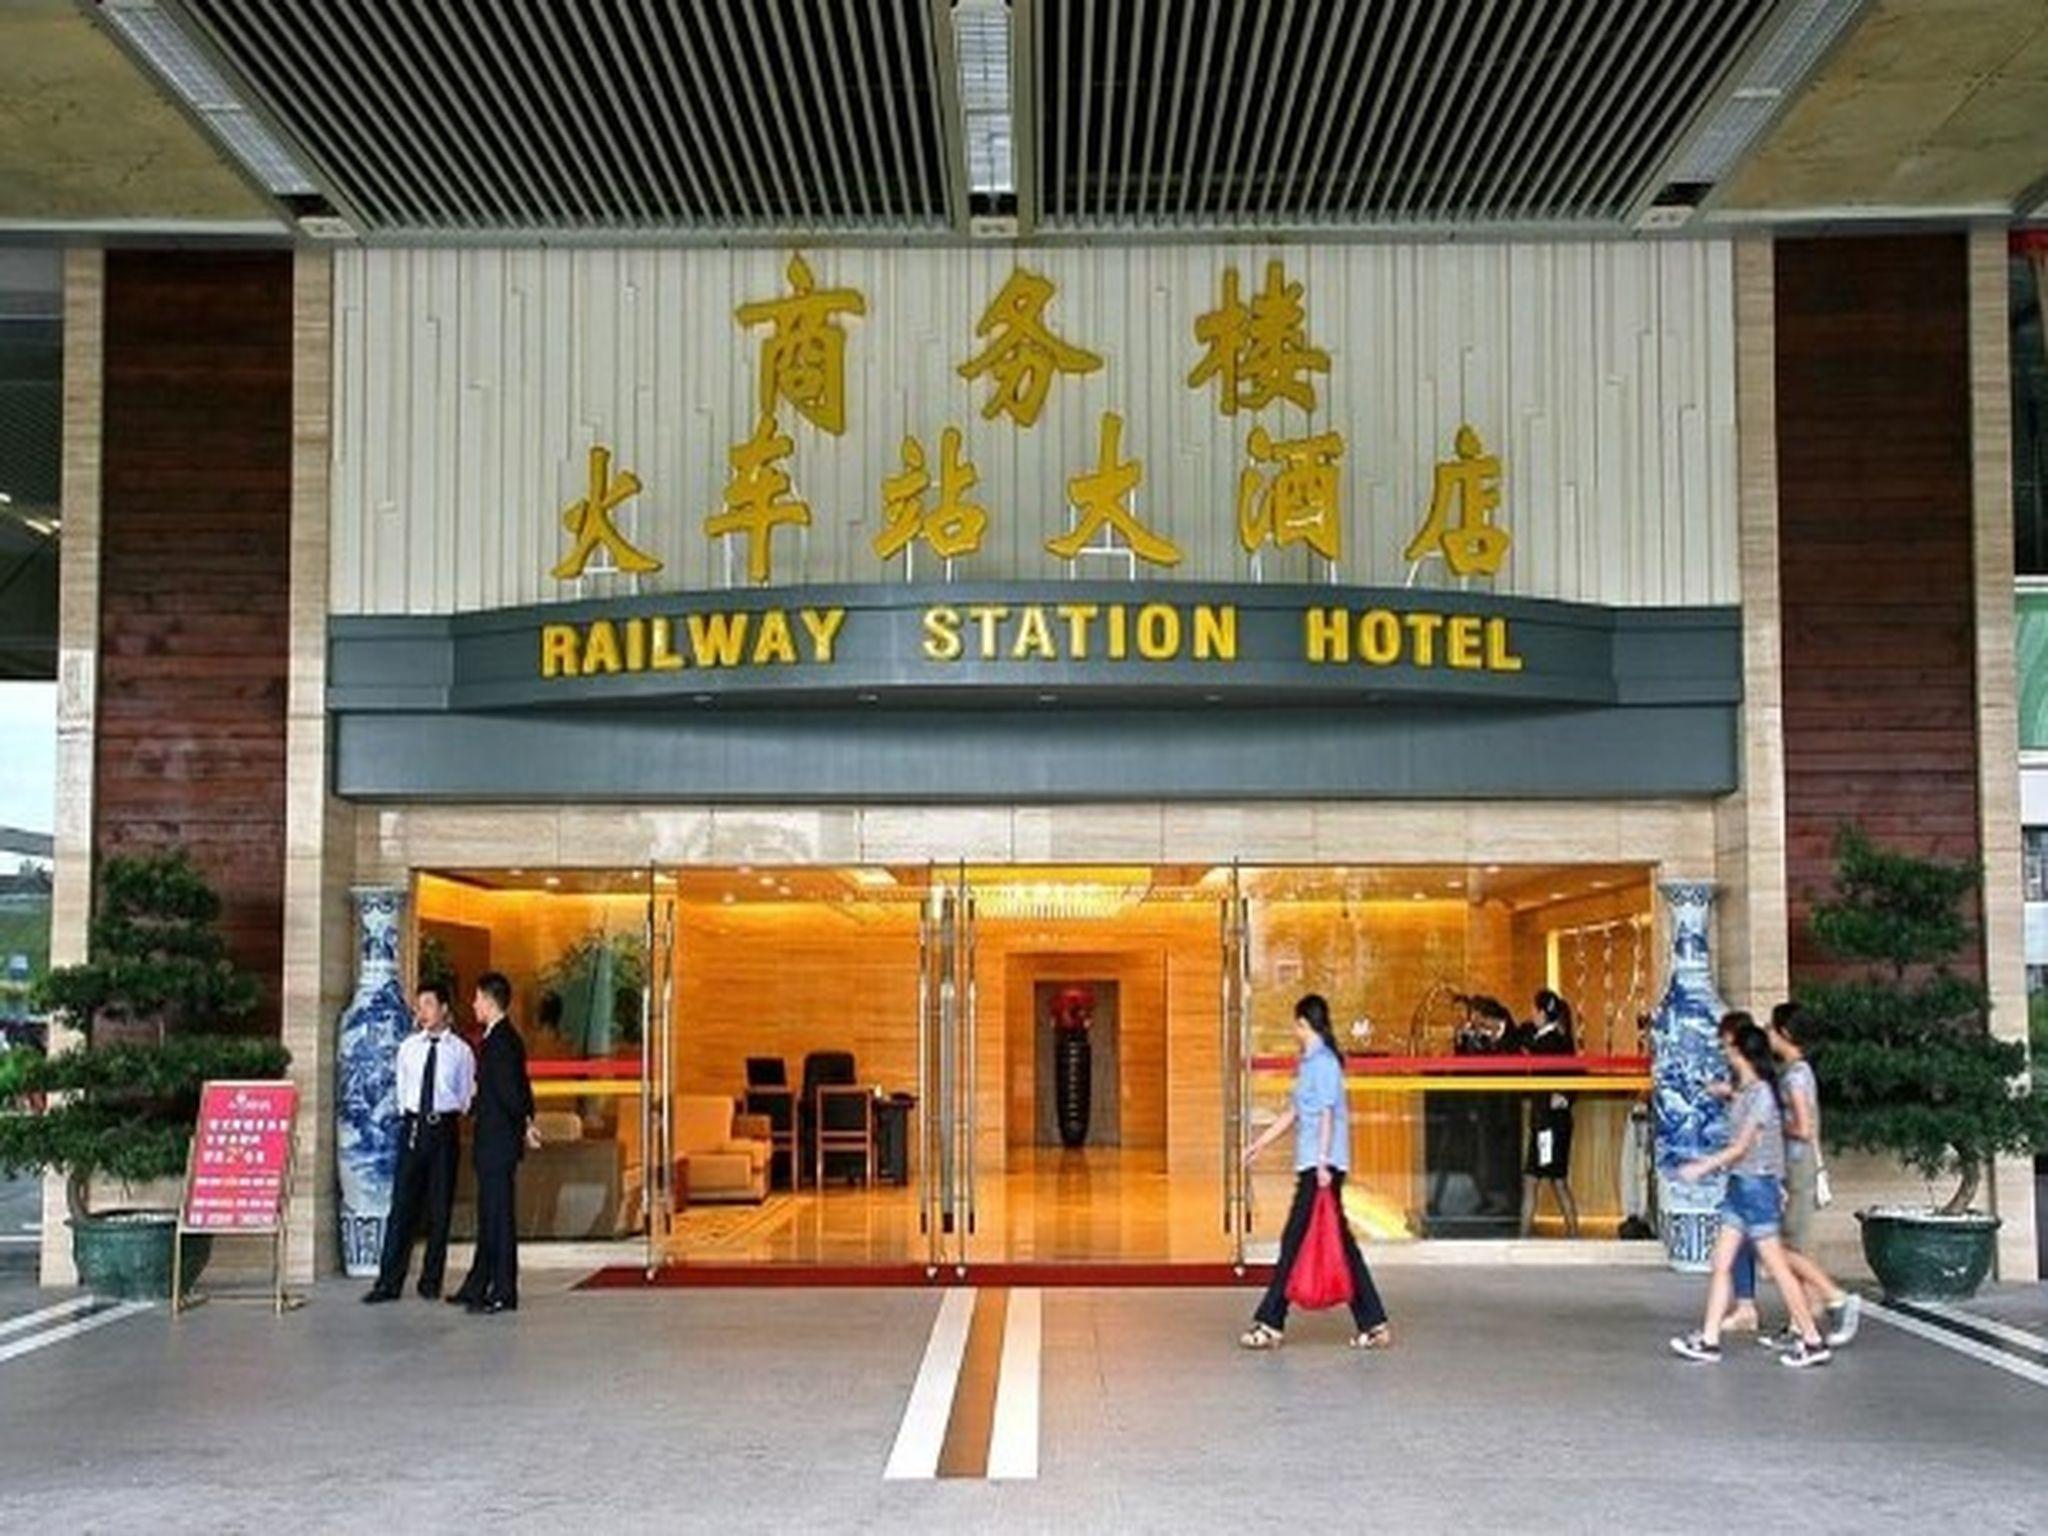 Shenzhen Railway Station Hotel